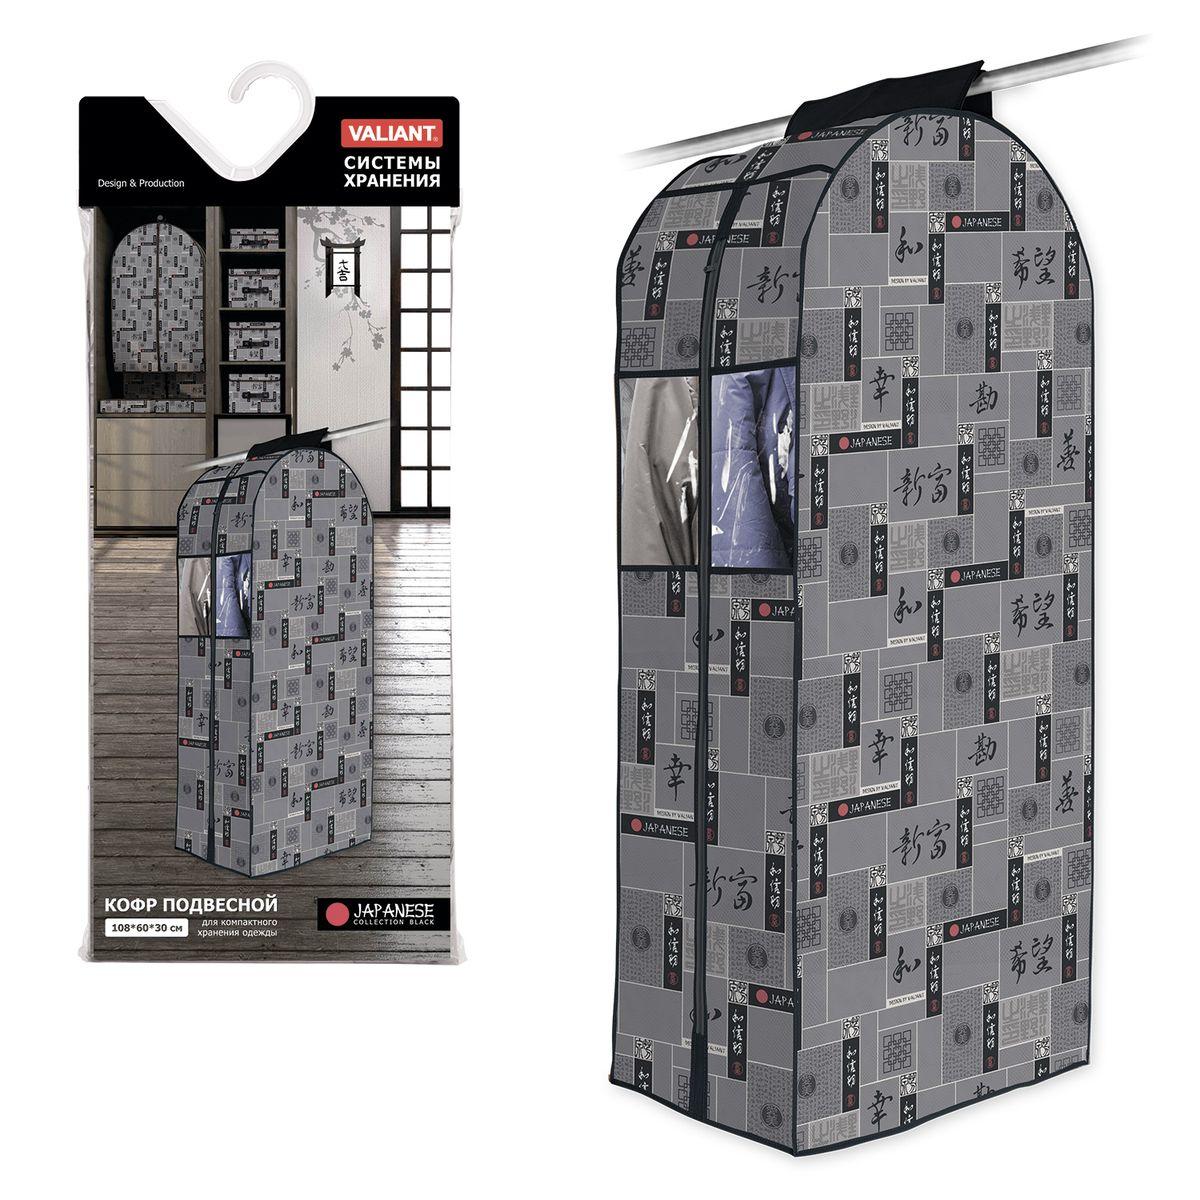 Кофр подвесной для одежды Valiant Japanese Black, 108 х 60 х 30 смJB-C-108Подвесной кофр для одежды Valiant Japanese Black изготовлен из высококачественного нетканого материала (спанбонда), который обеспечивает естественную вентиляцию, позволяя воздуху проникать внутрь, но не пропускает пыль. Кофр очень удобен в использовании. Благодаря размерам и форме отлично подходит для транспортировки и долговременного хранения одежды (летом - теплых курток и пальто, зимой - летнего гардероба). Легко открывается и закрывается с помощью застежки-молнии. Кофр снабжен прозрачным окошком из ПВХ, что позволяет легко просматривать содержимое. Изделие снабжено широкой петлей на липучках, с помощью которой крепится к перекладине в гардеробе. Оригинальный дизайн погружает в атмосферу путешествий по разным городам и странам. Системы хранения в едином дизайне сделают вашу гардеробную красивой и невероятно стильной.